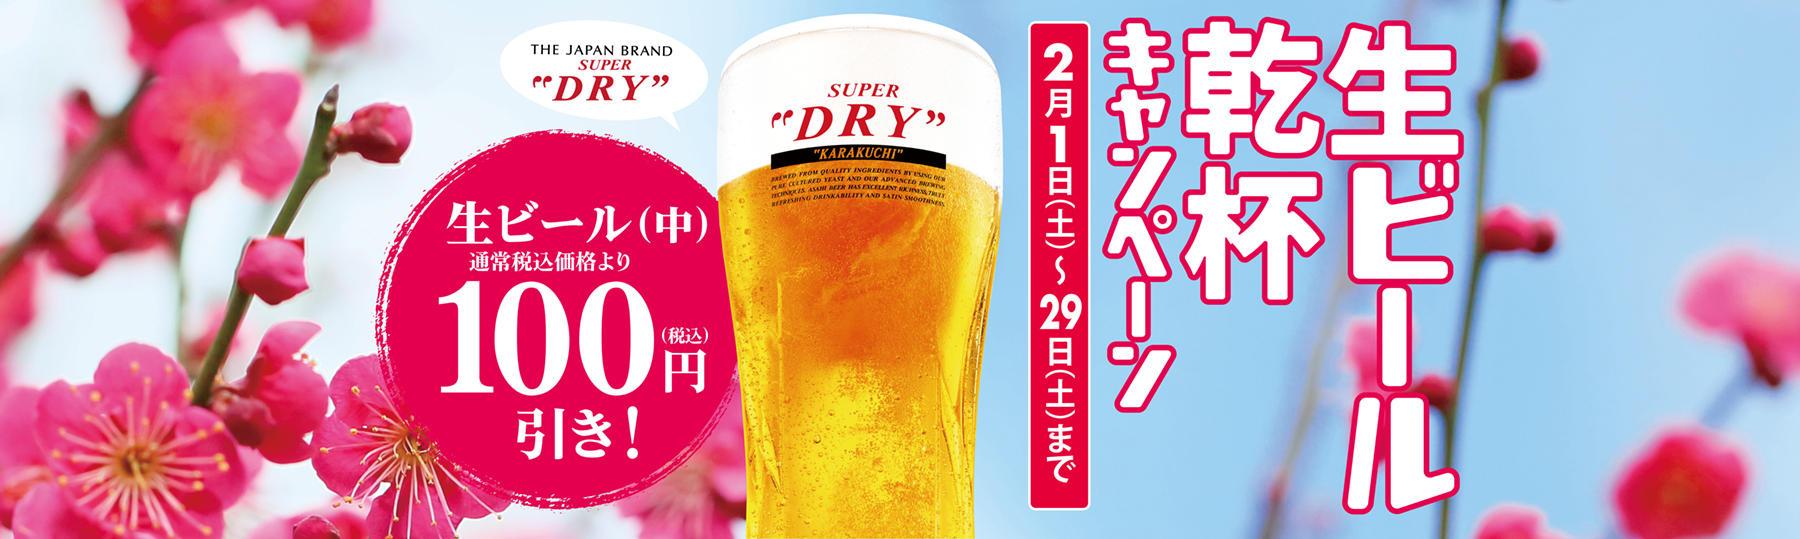 oshiraseKANPAI20_02.jpg